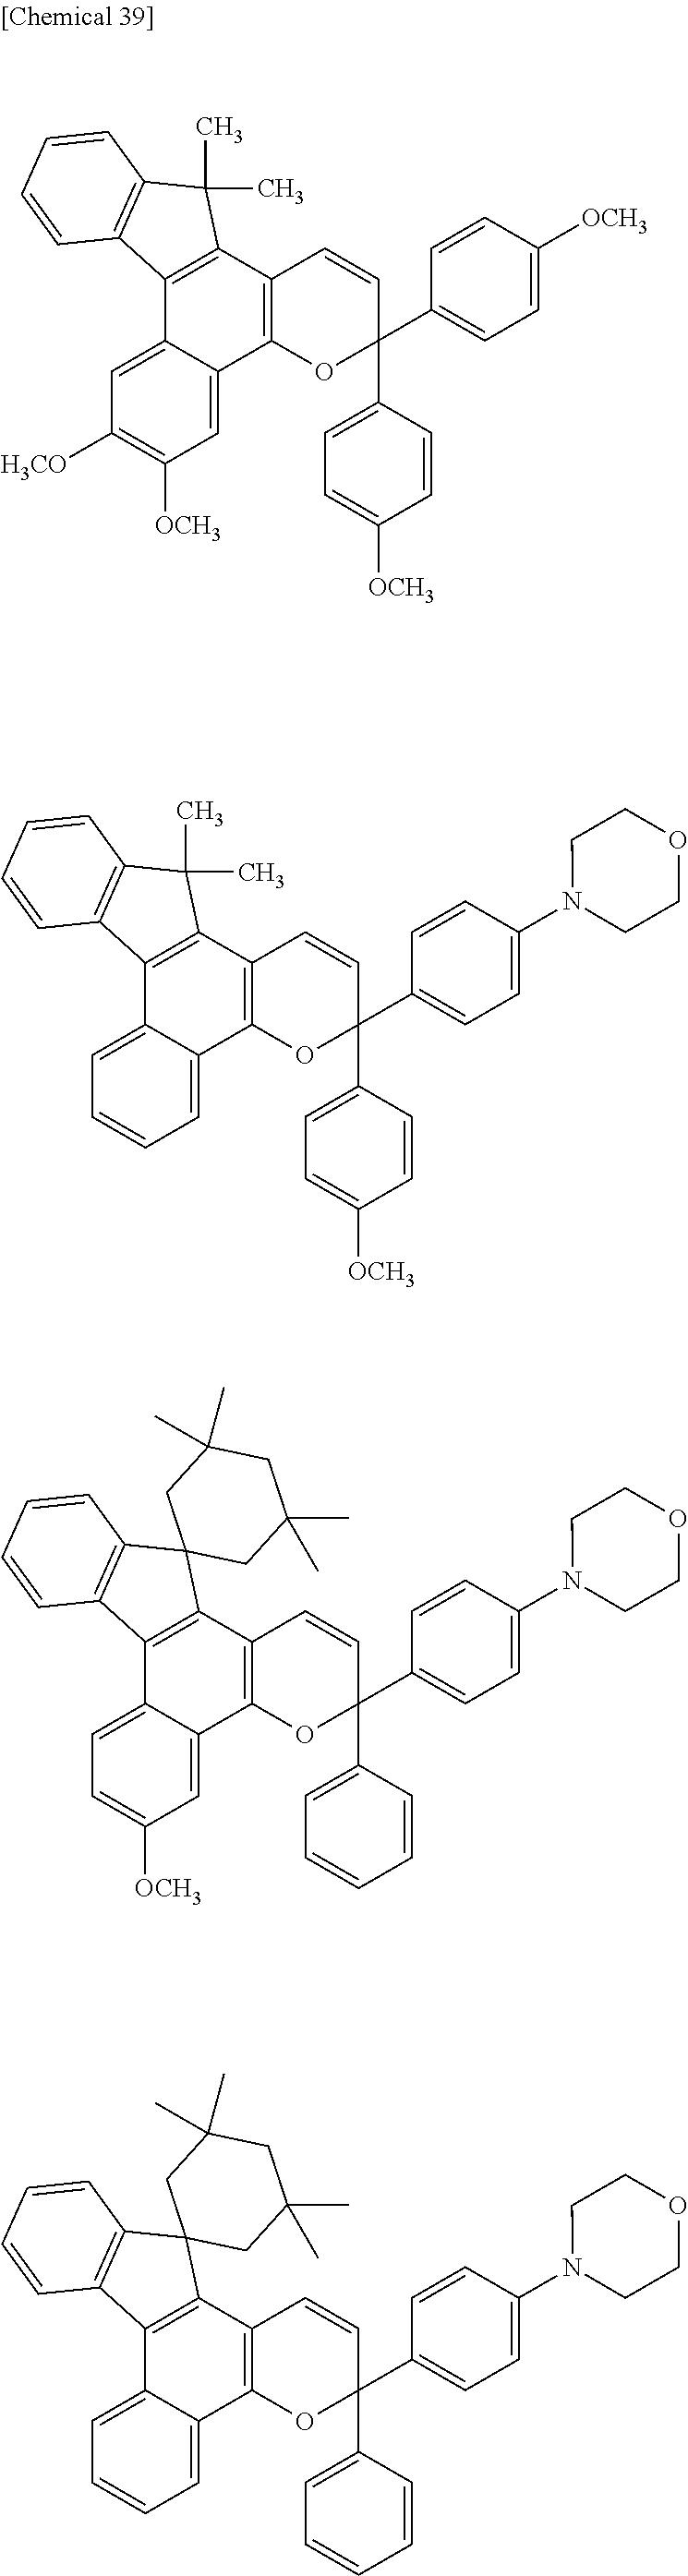 Figure US20150030866A1-20150129-C00034